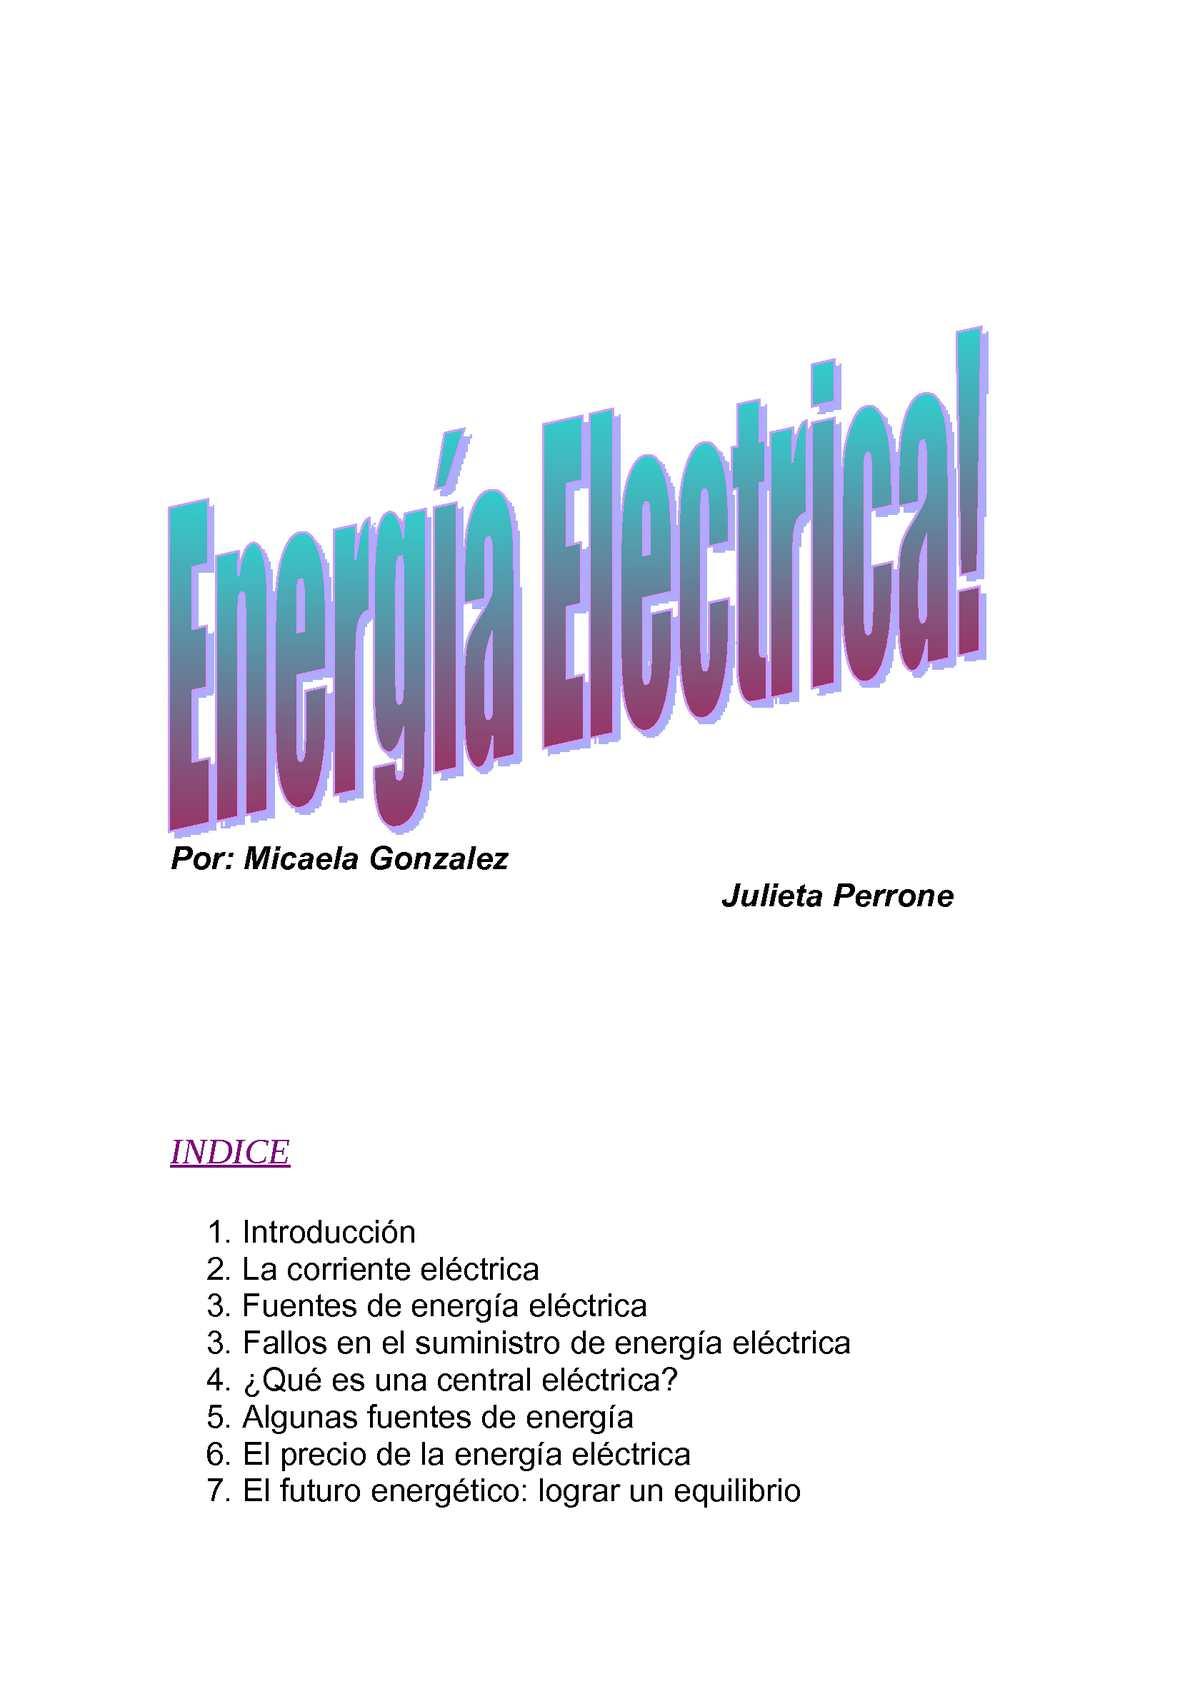 Circuito Que Recorre La Electricidad Desde Su Generación Hasta Su Consumo : Calaméo energía eléctrica